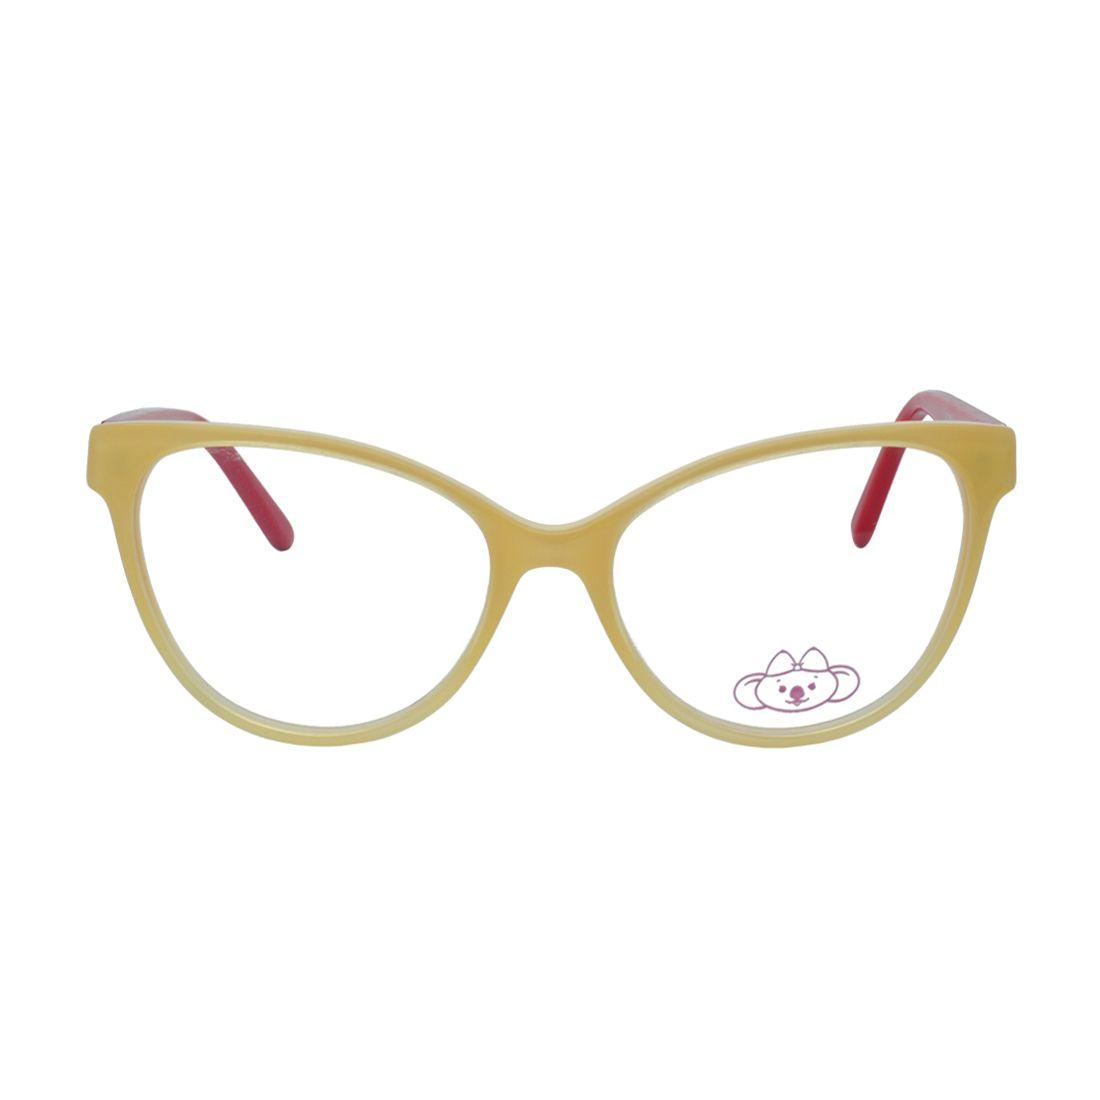 87795d763 Óculos de Grau Infantil Lilica Ripilica Feminino VLR083 C3 - Acetato Bege e  Vermelho R$ 268,00 à vista. Adicionar à sacola